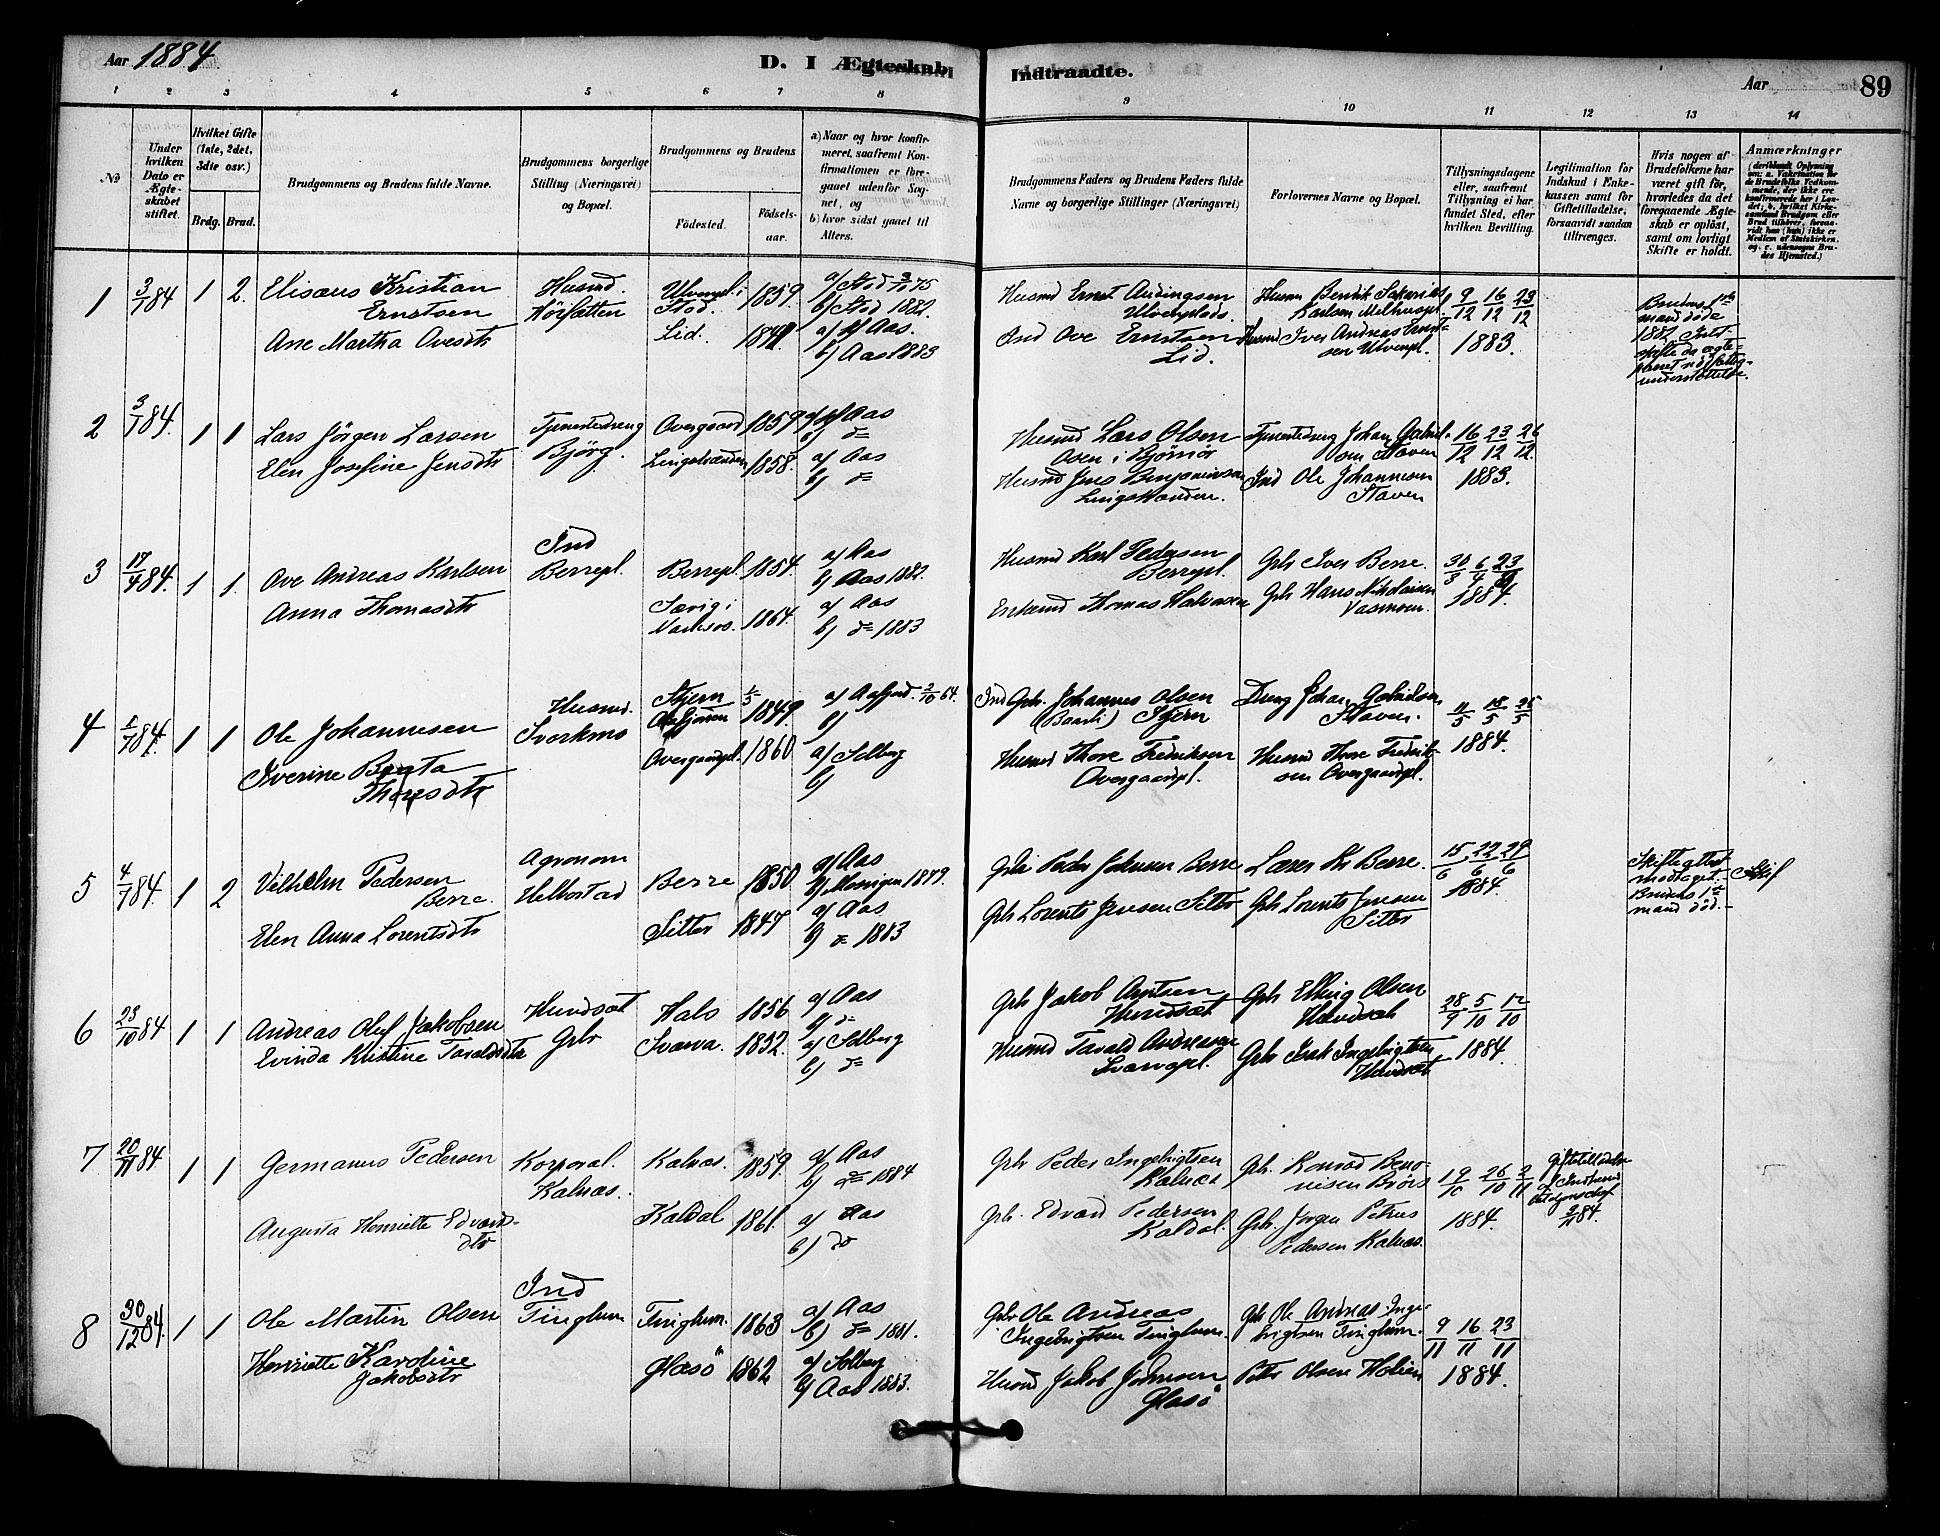 SAT, Ministerialprotokoller, klokkerbøker og fødselsregistre - Nord-Trøndelag, 742/L0408: Ministerialbok nr. 742A01, 1878-1890, s. 89